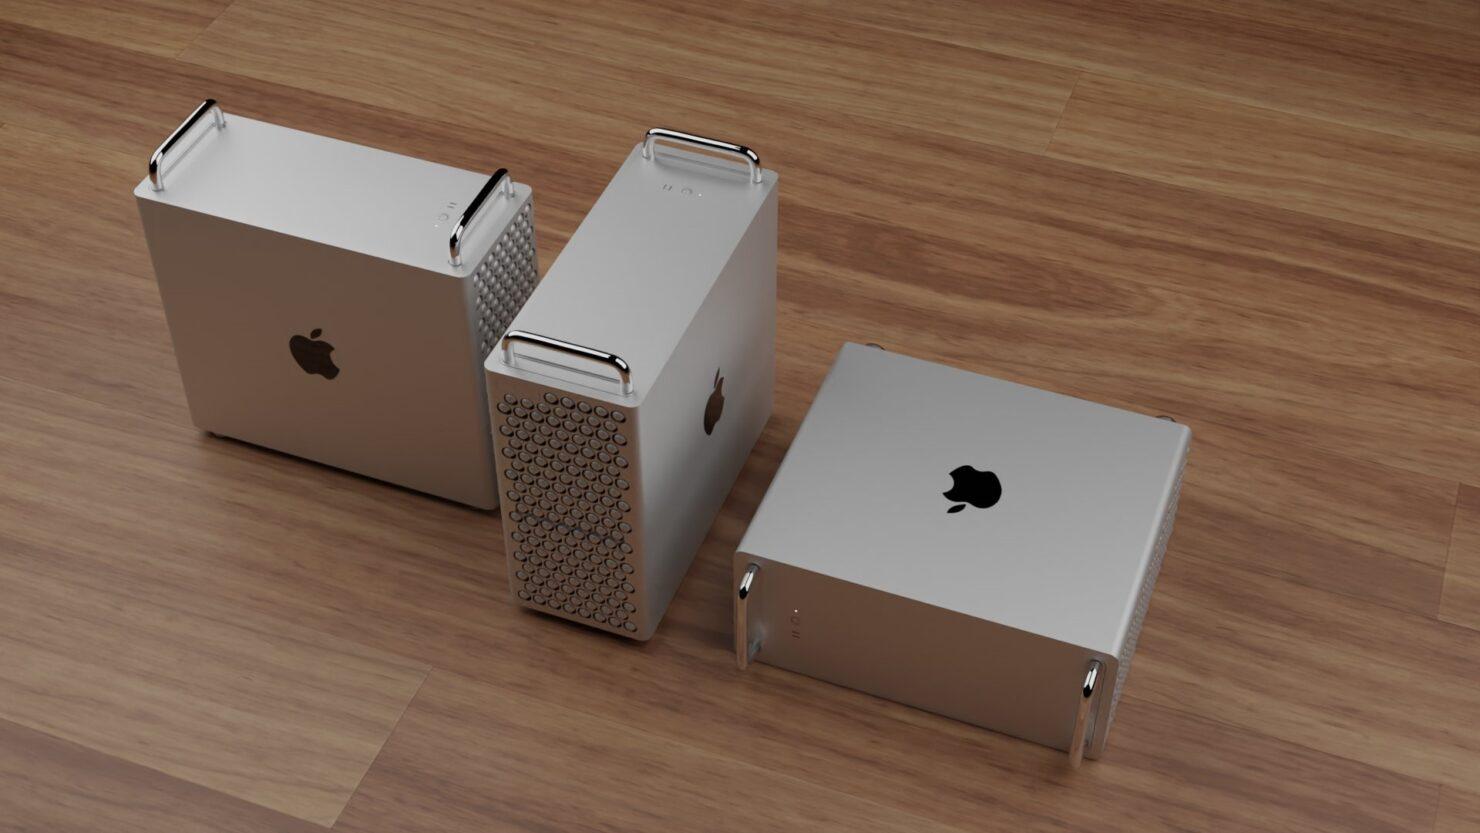 apple-silicon-mac-pro-2